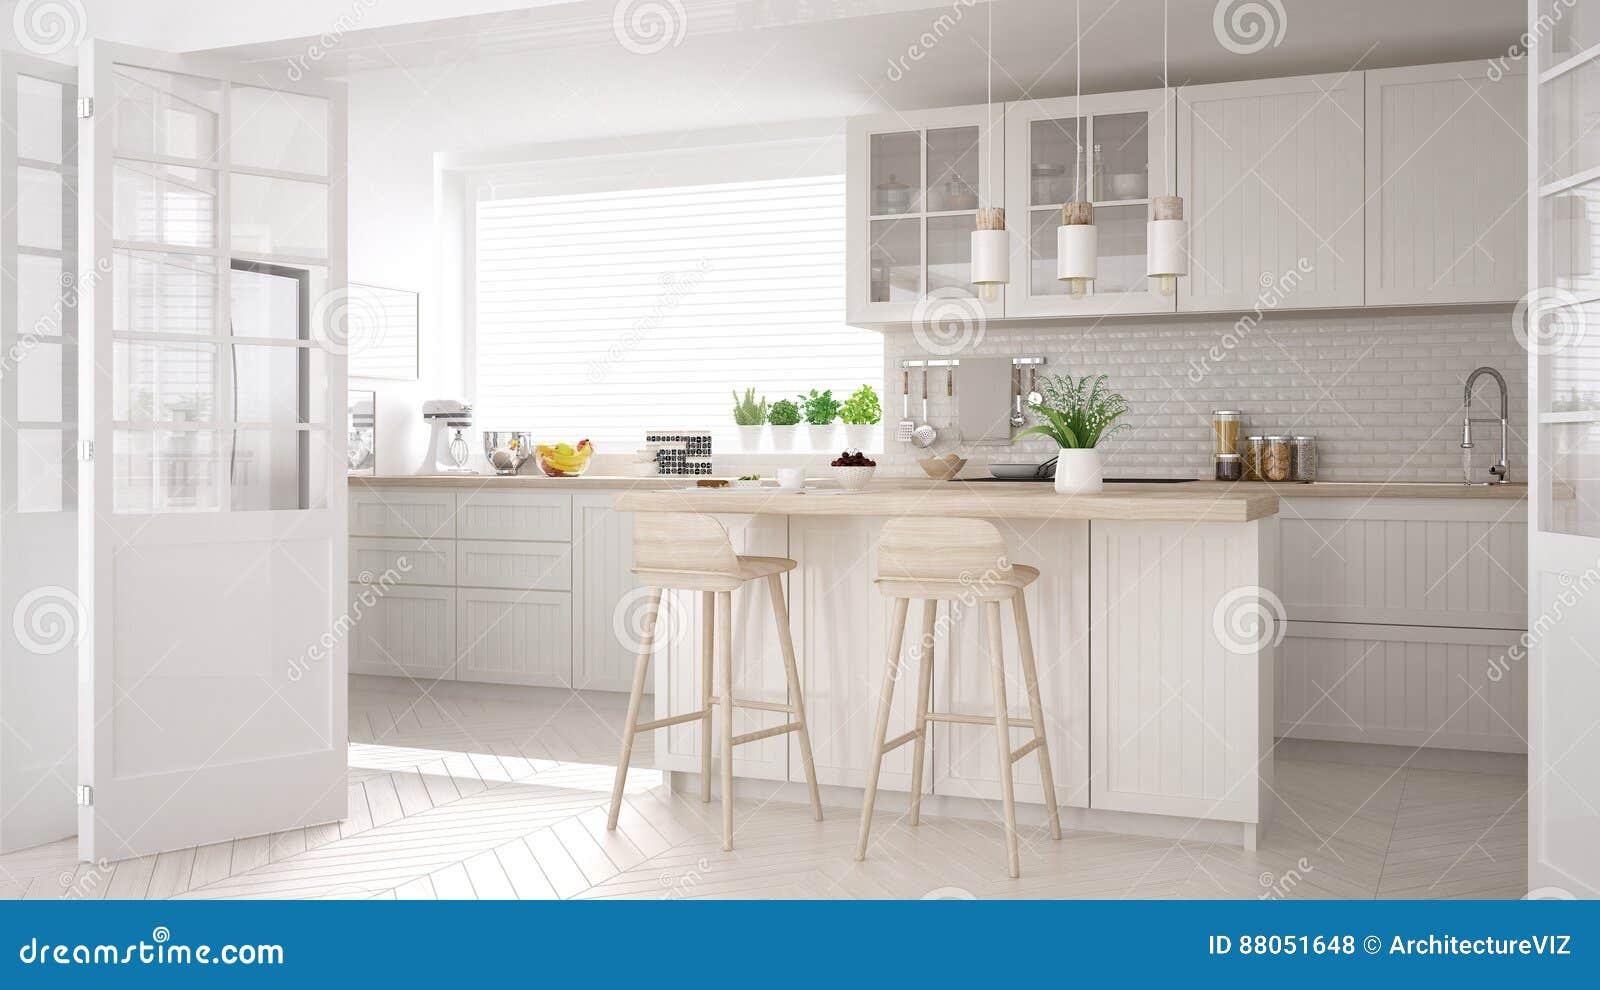 Keuken Interieur Scandinavisch : Skandinavische klassieke keuken met houten en witte details mini